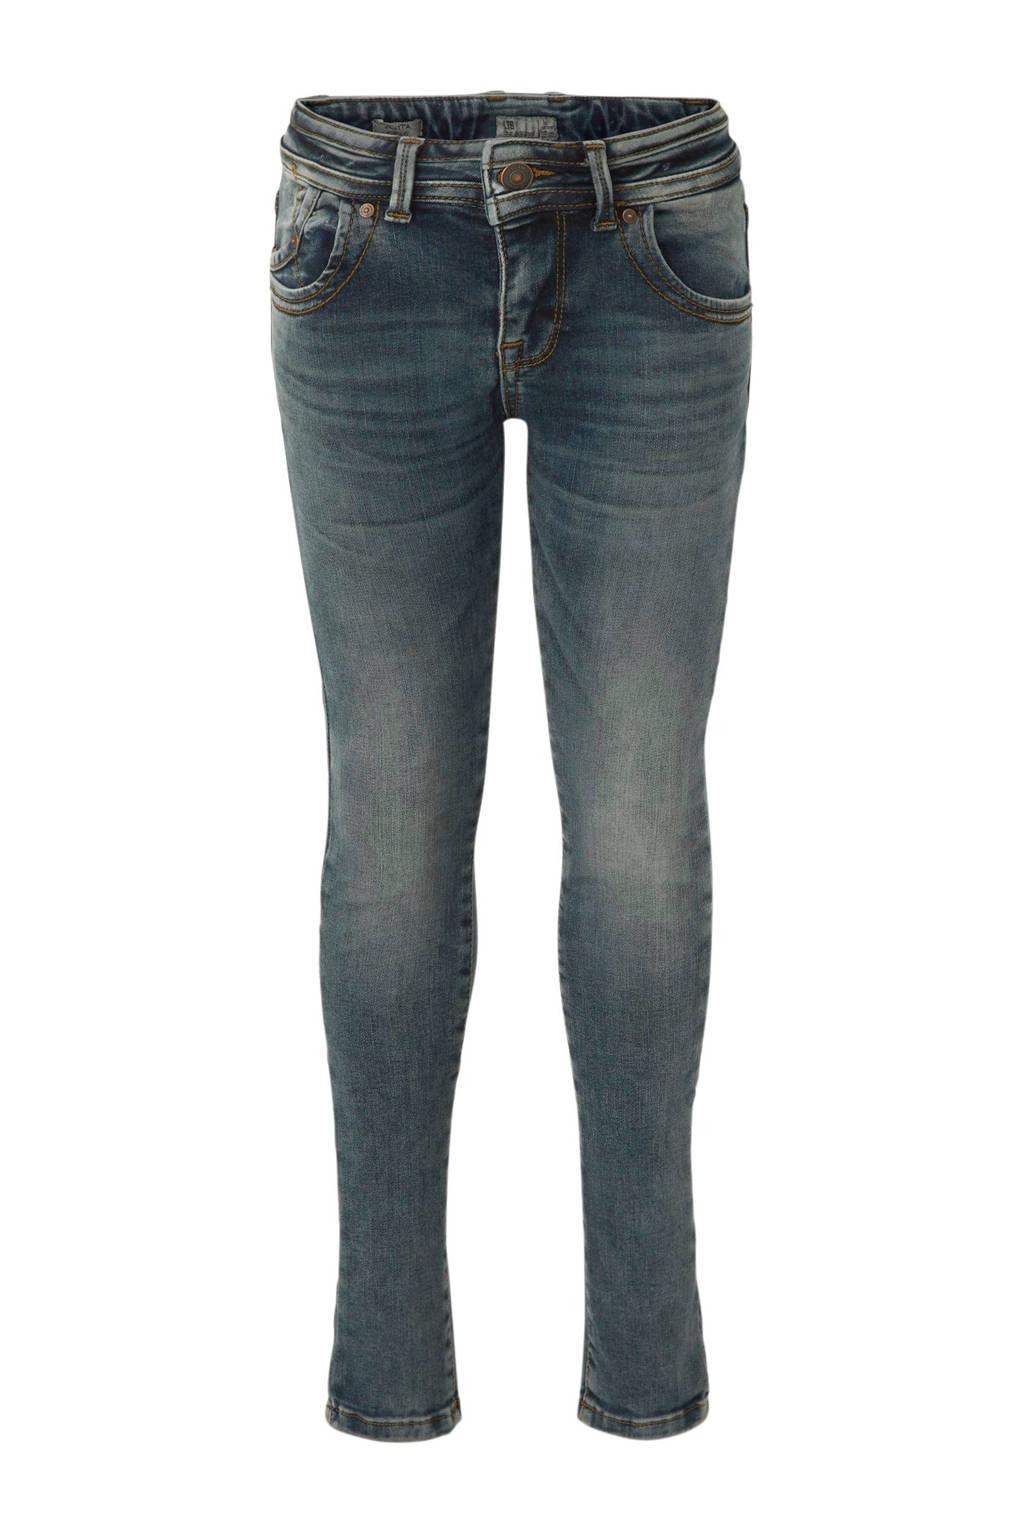 LTB skinny fit jeans Julita donkerblauw, Dark denim